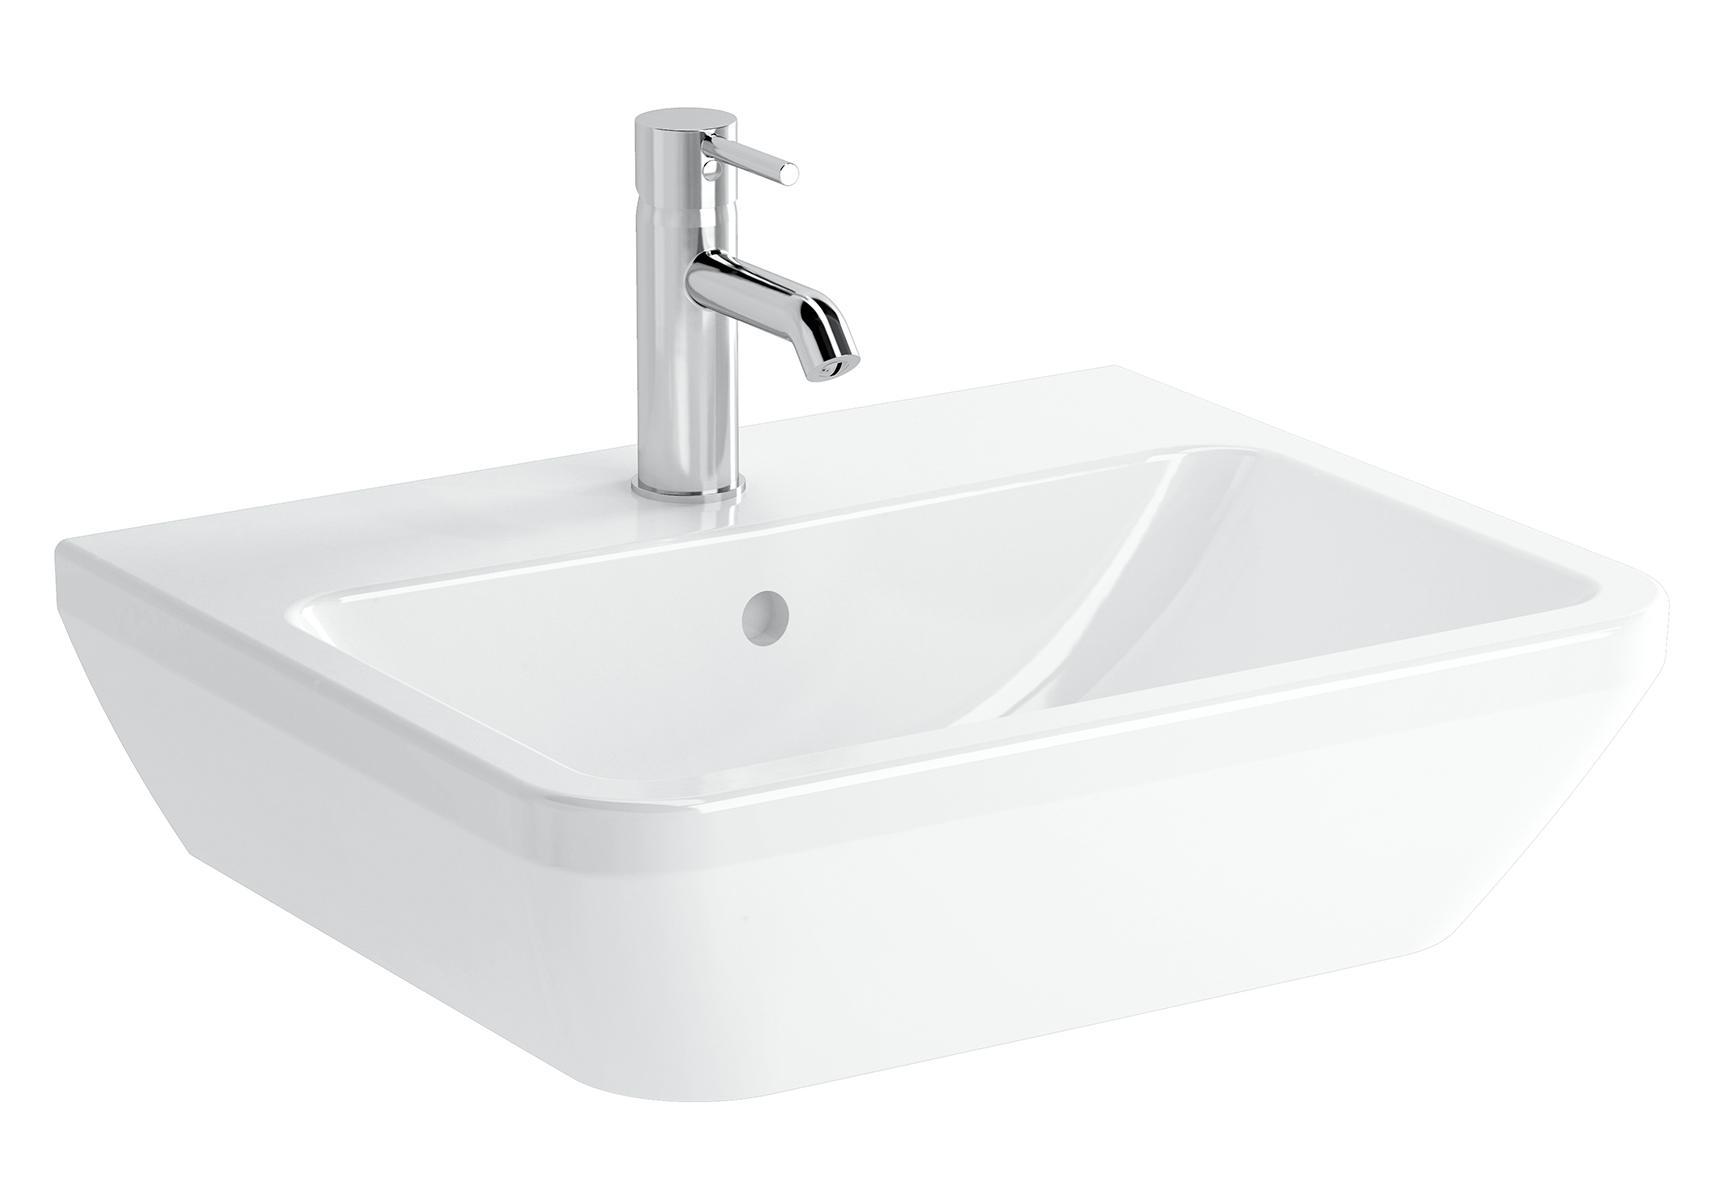 Integra lavabo carré, 55 cm, sans trou de robinet, sans trop-plein